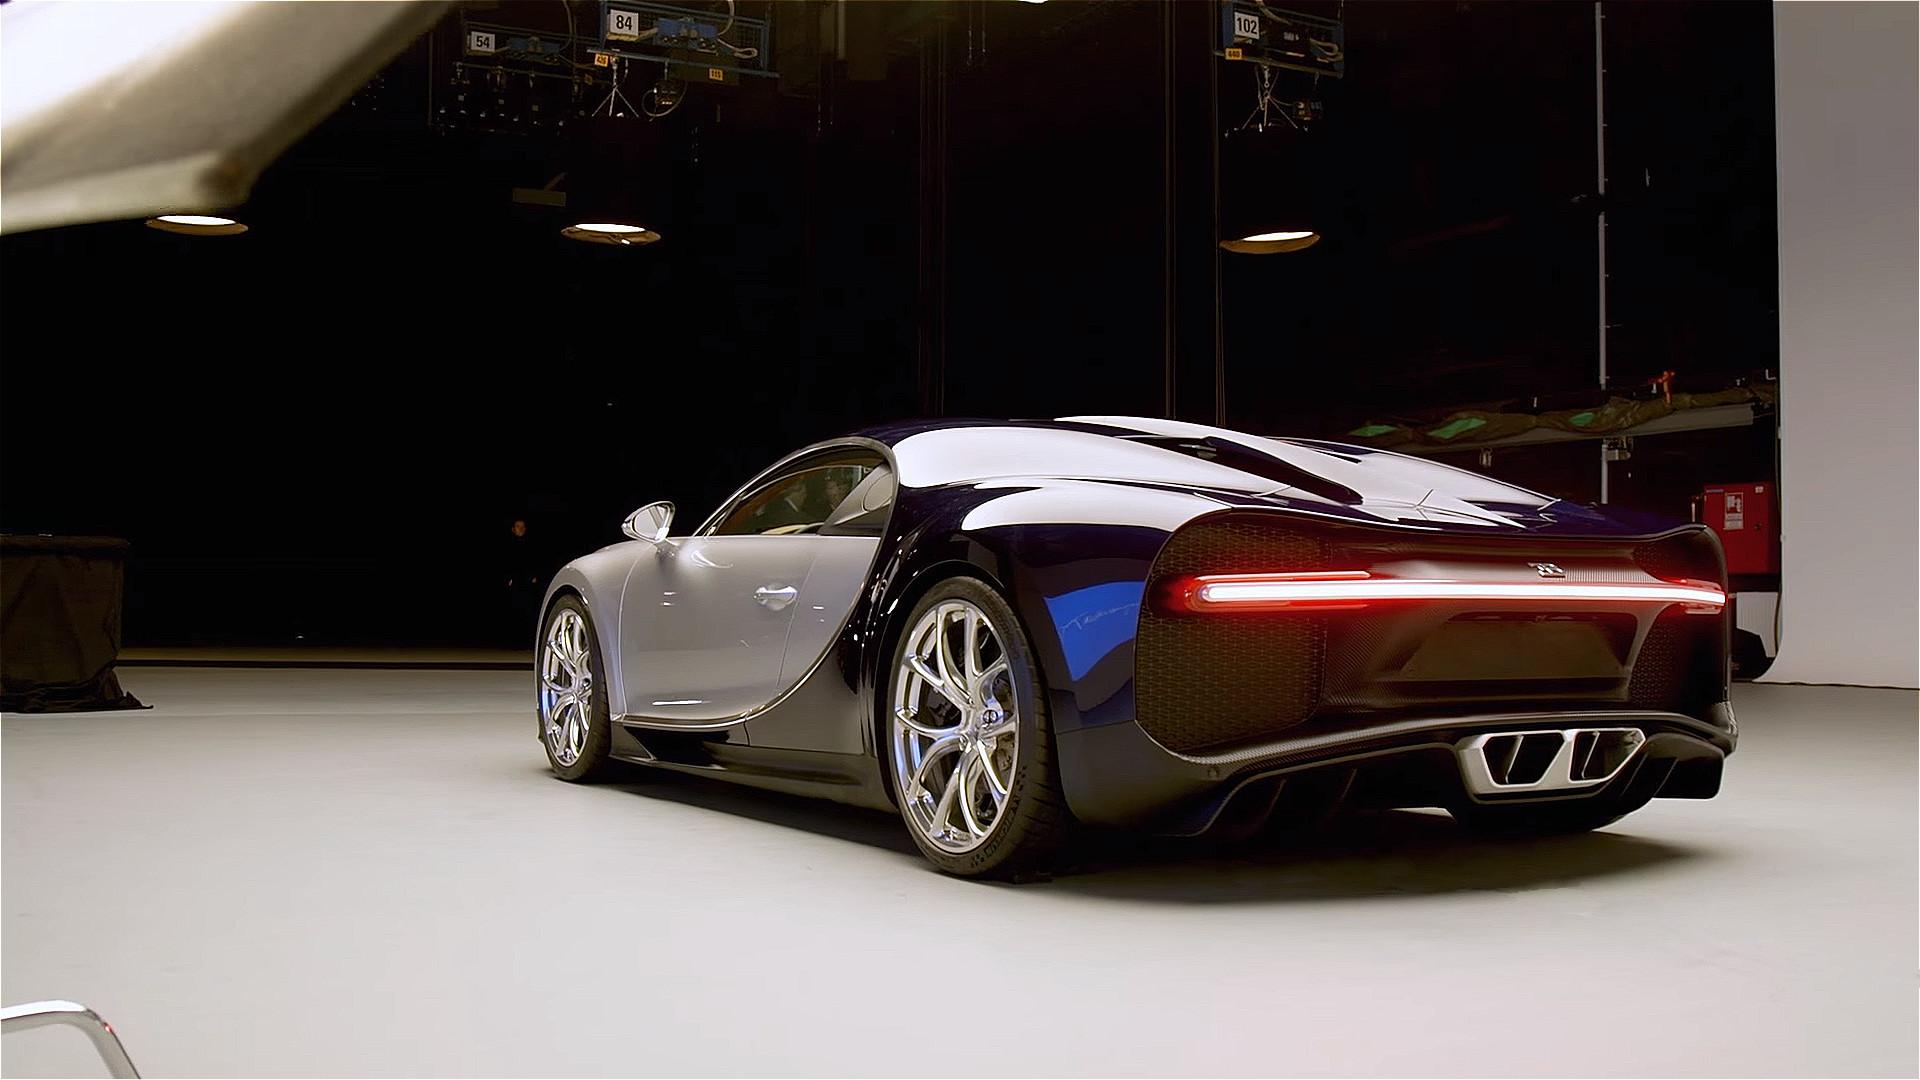 Image Result For Mac Wallpaper Bugatti Black And Blue